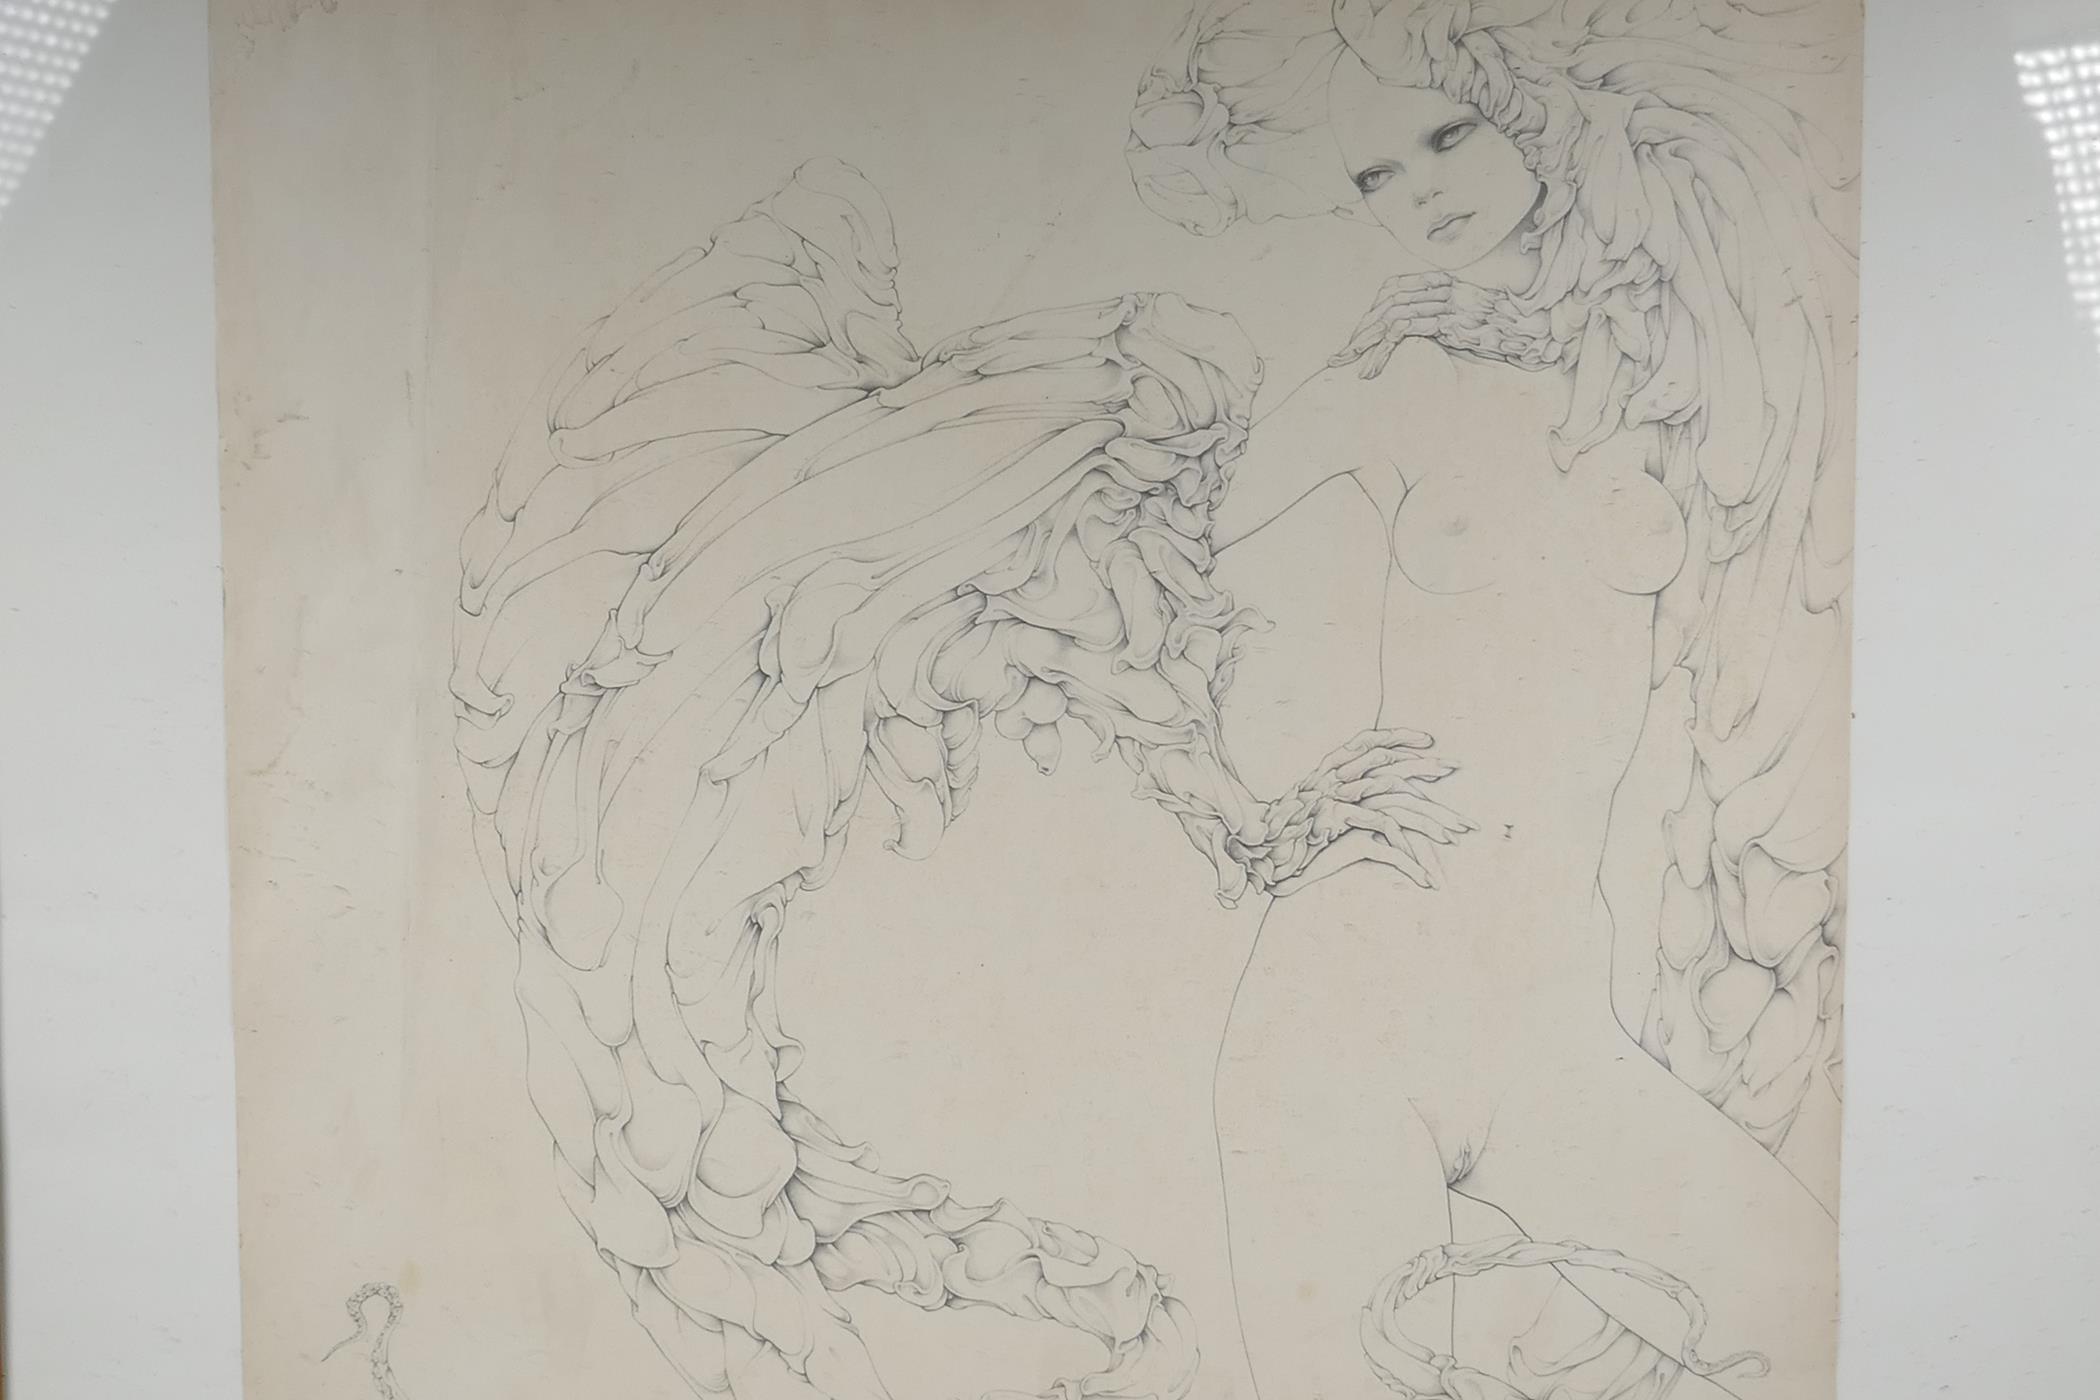 """After Gilles Rimbault, Studio 69, erotic surrealist art print, stamped, 23"""" x 23"""" - Image 2 of 4"""